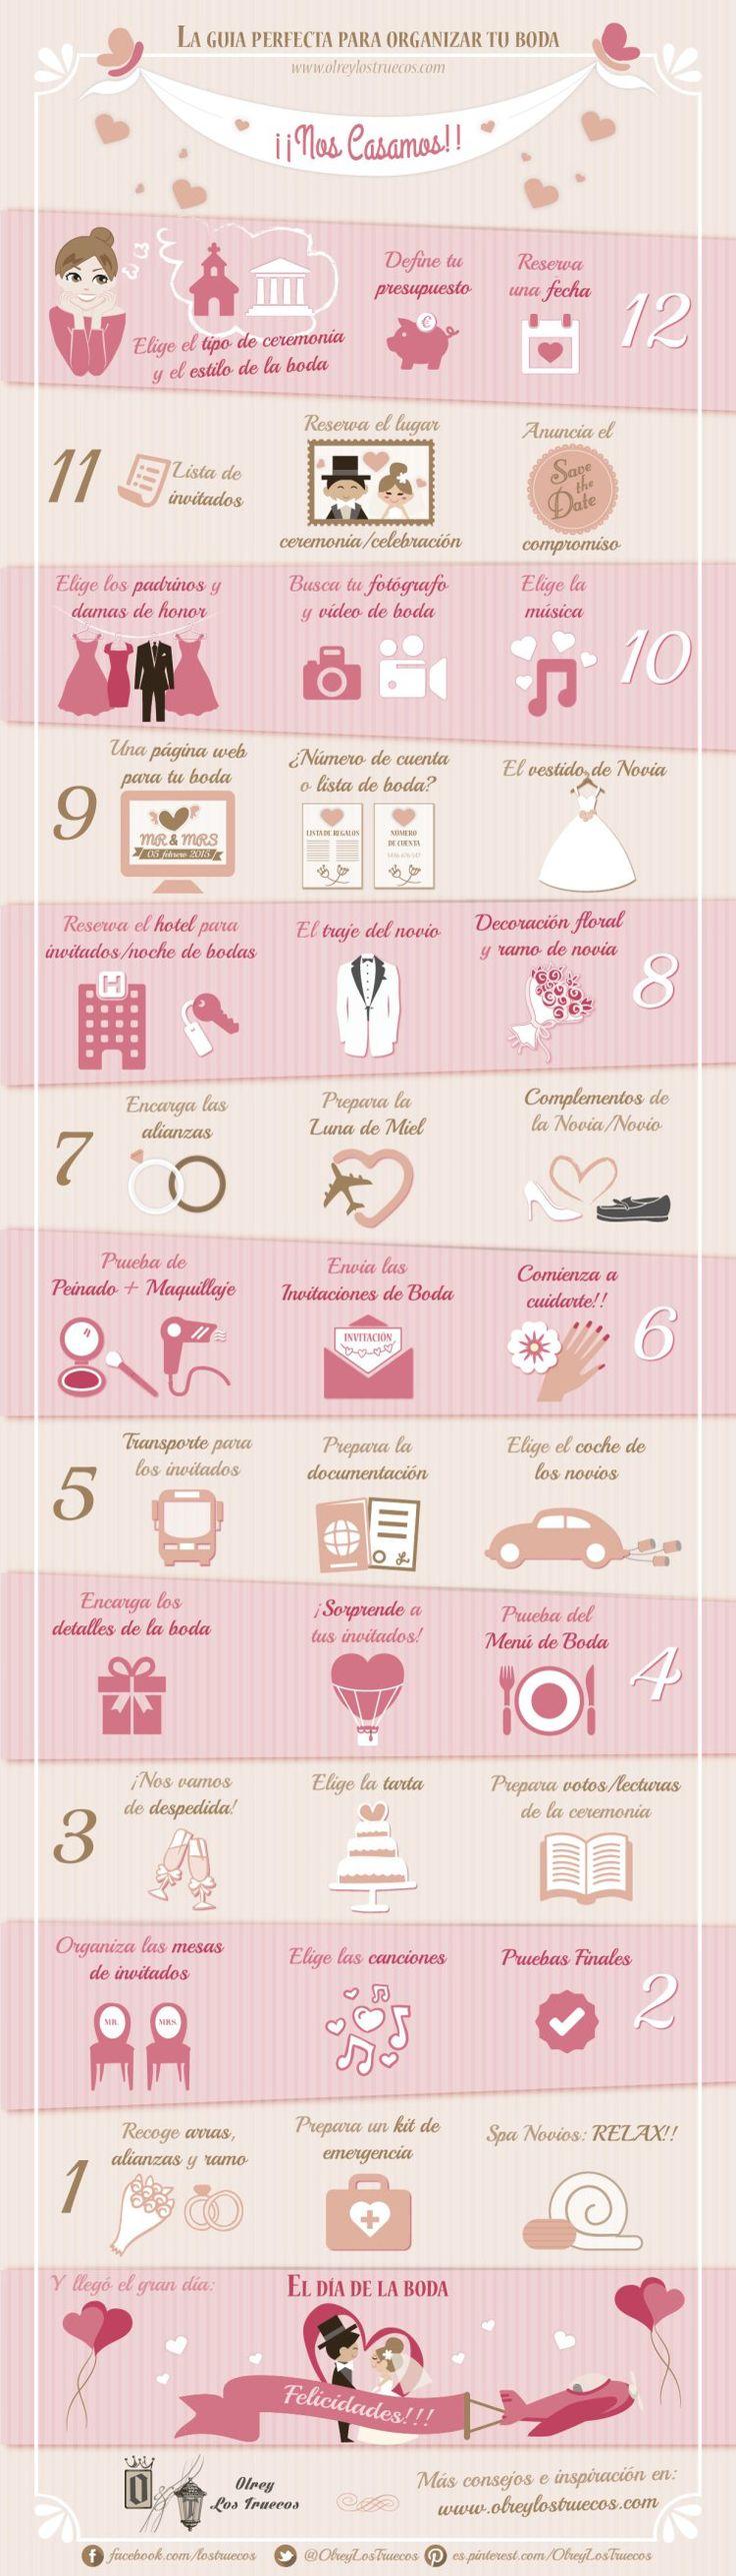 Planning boda, Guía perfecta para organizar tu boda